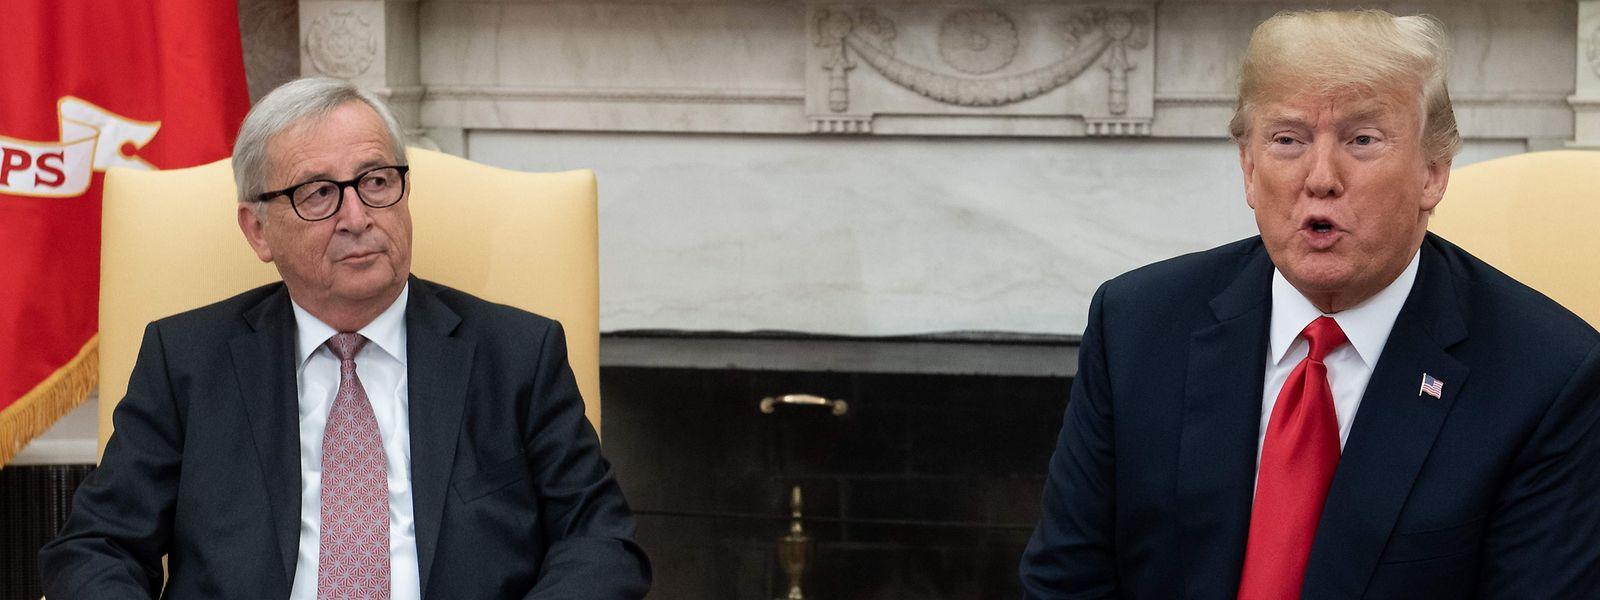 Die beiden Spitzenpolitiker trafen sich am Mittwochabend.